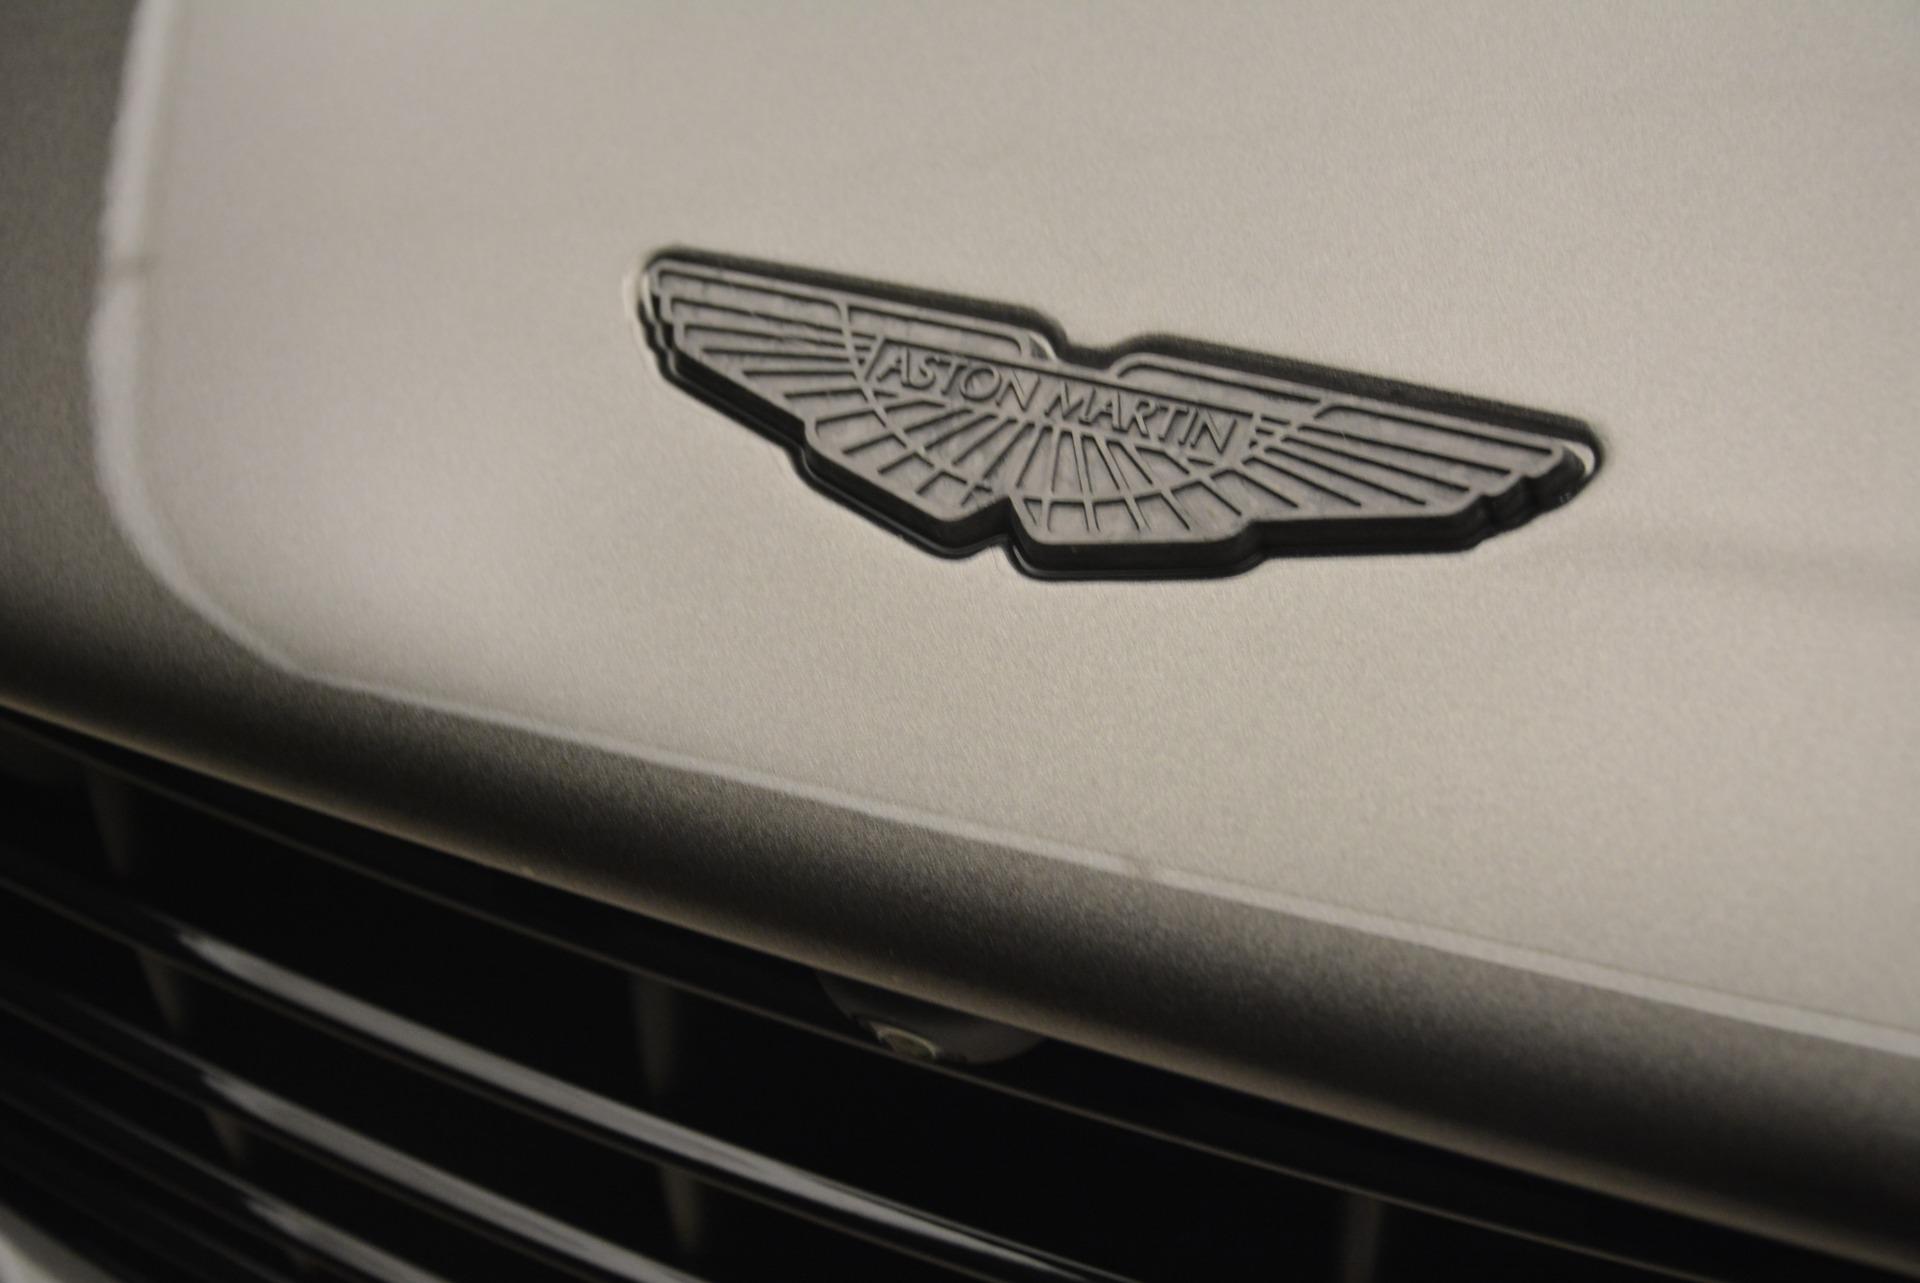 New 2019 Aston Martin DB11 Volante  For Sale In Greenwich, CT 2209_p33